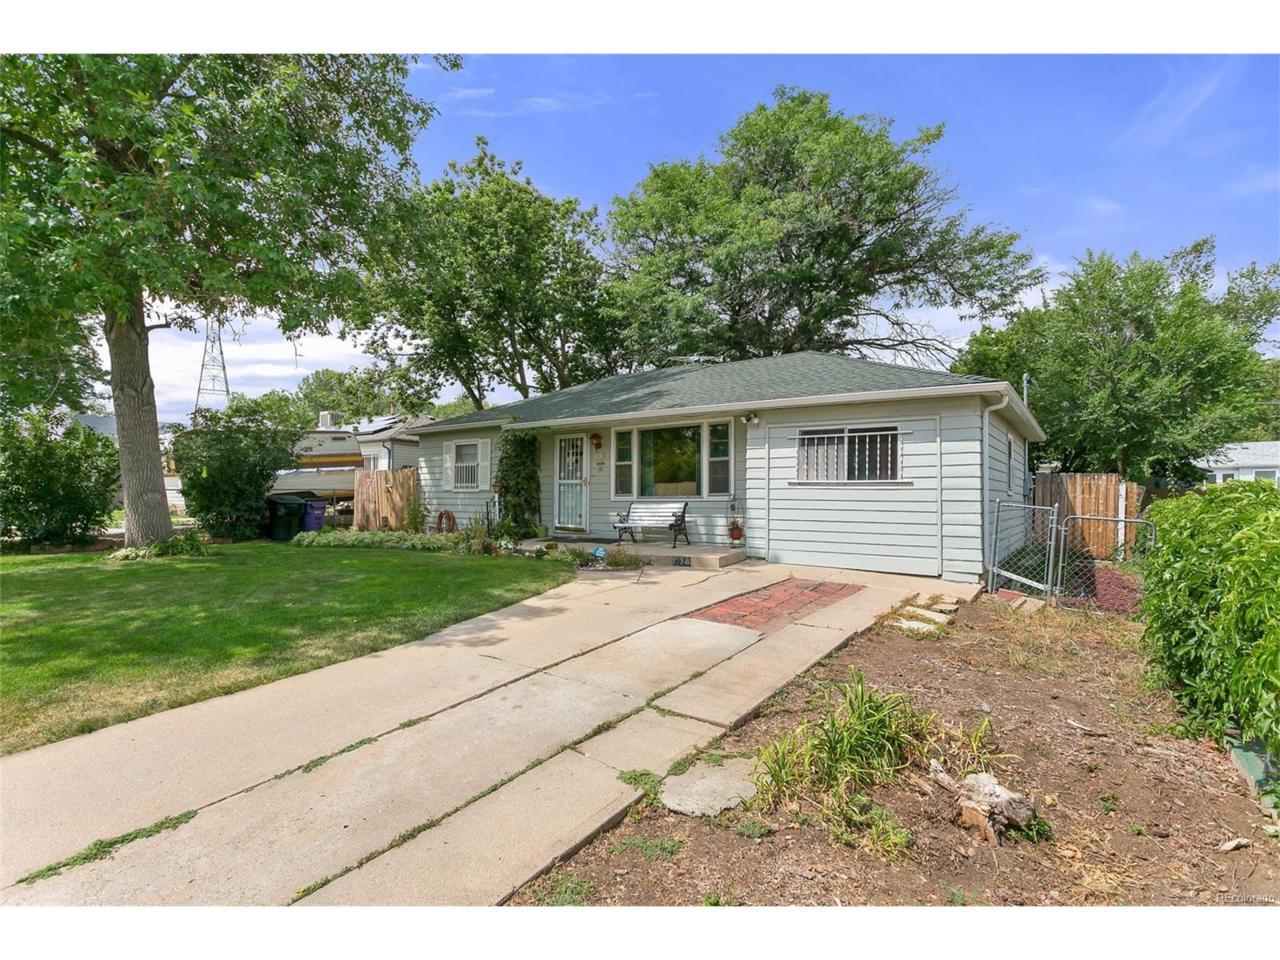 773 S Wolcott Court, Denver, CO 80219 (MLS #6328988) :: 8z Real Estate